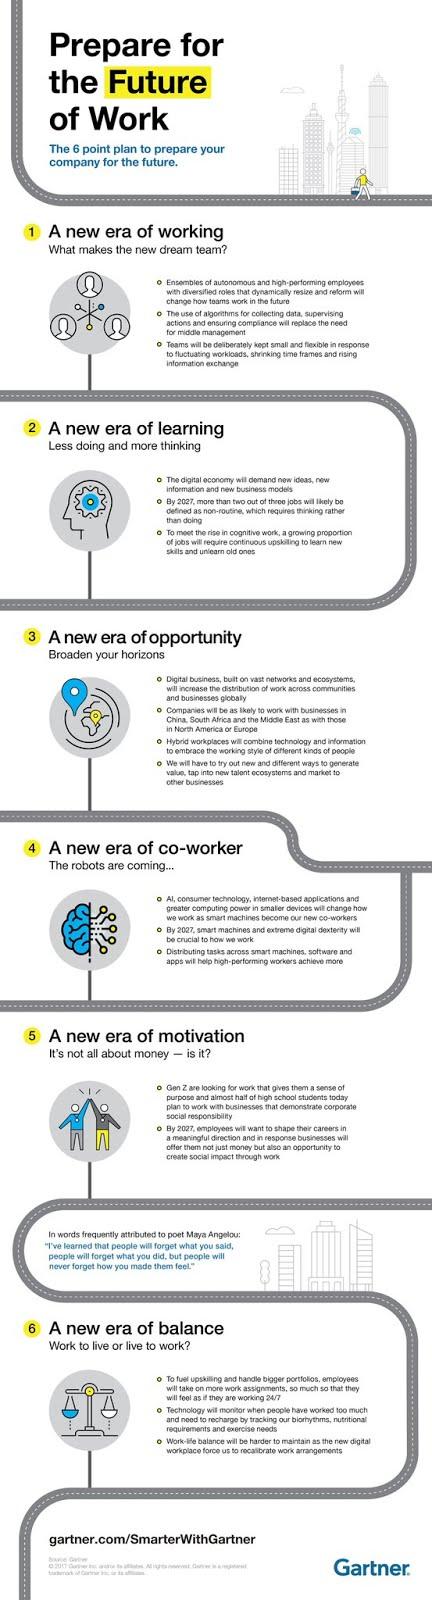 Prepare the future of work